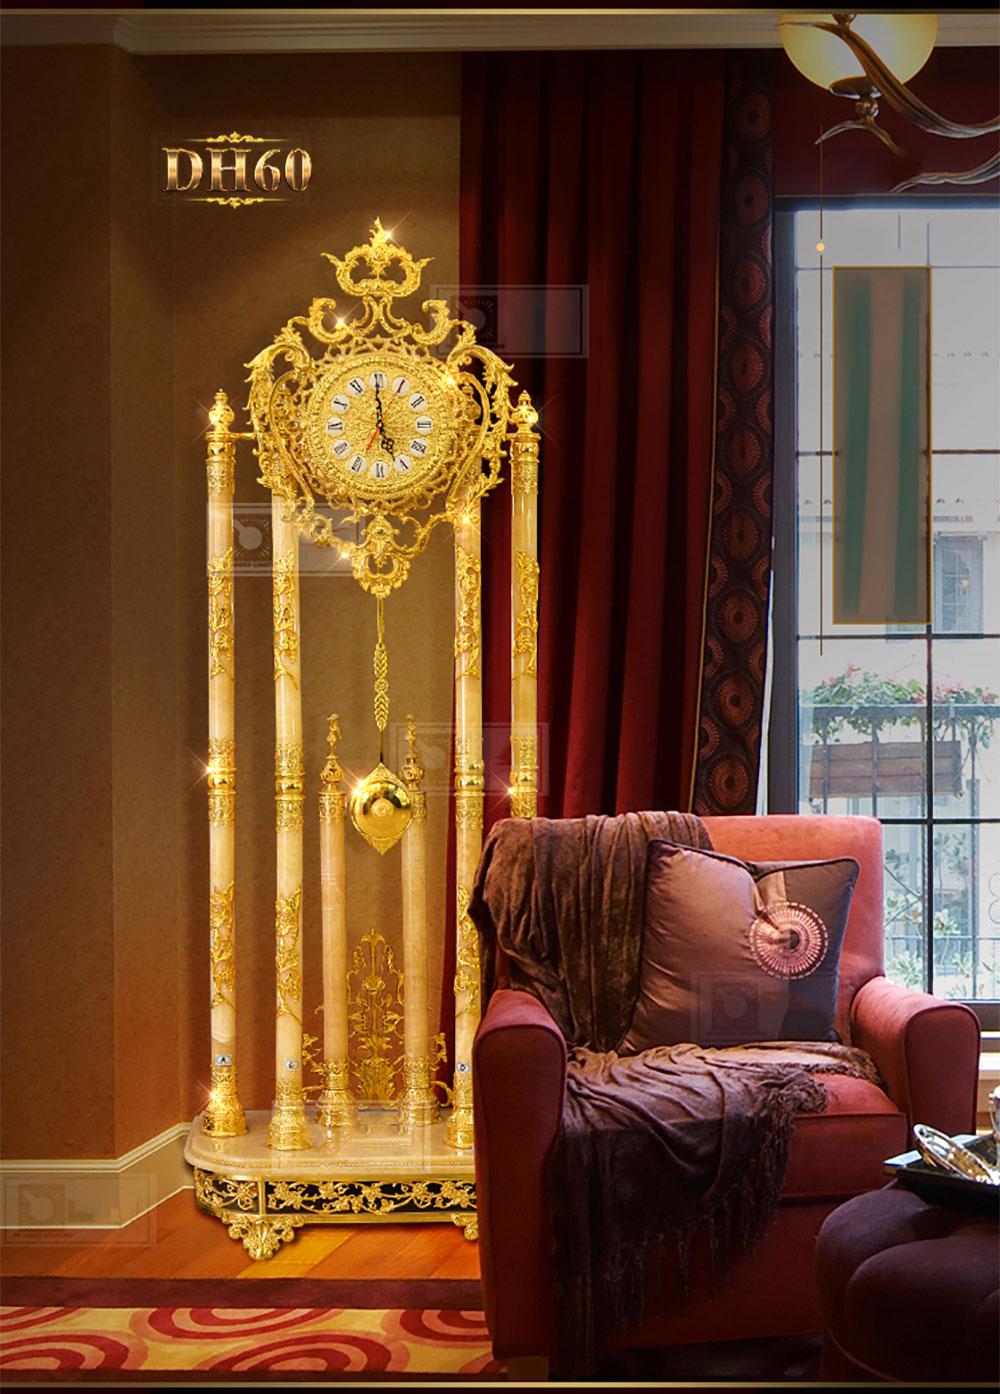 Đồng hồ cây đá ngọc bích DH60 phong thủy phong cách cổ điển mạ vàng 24k cao cấp